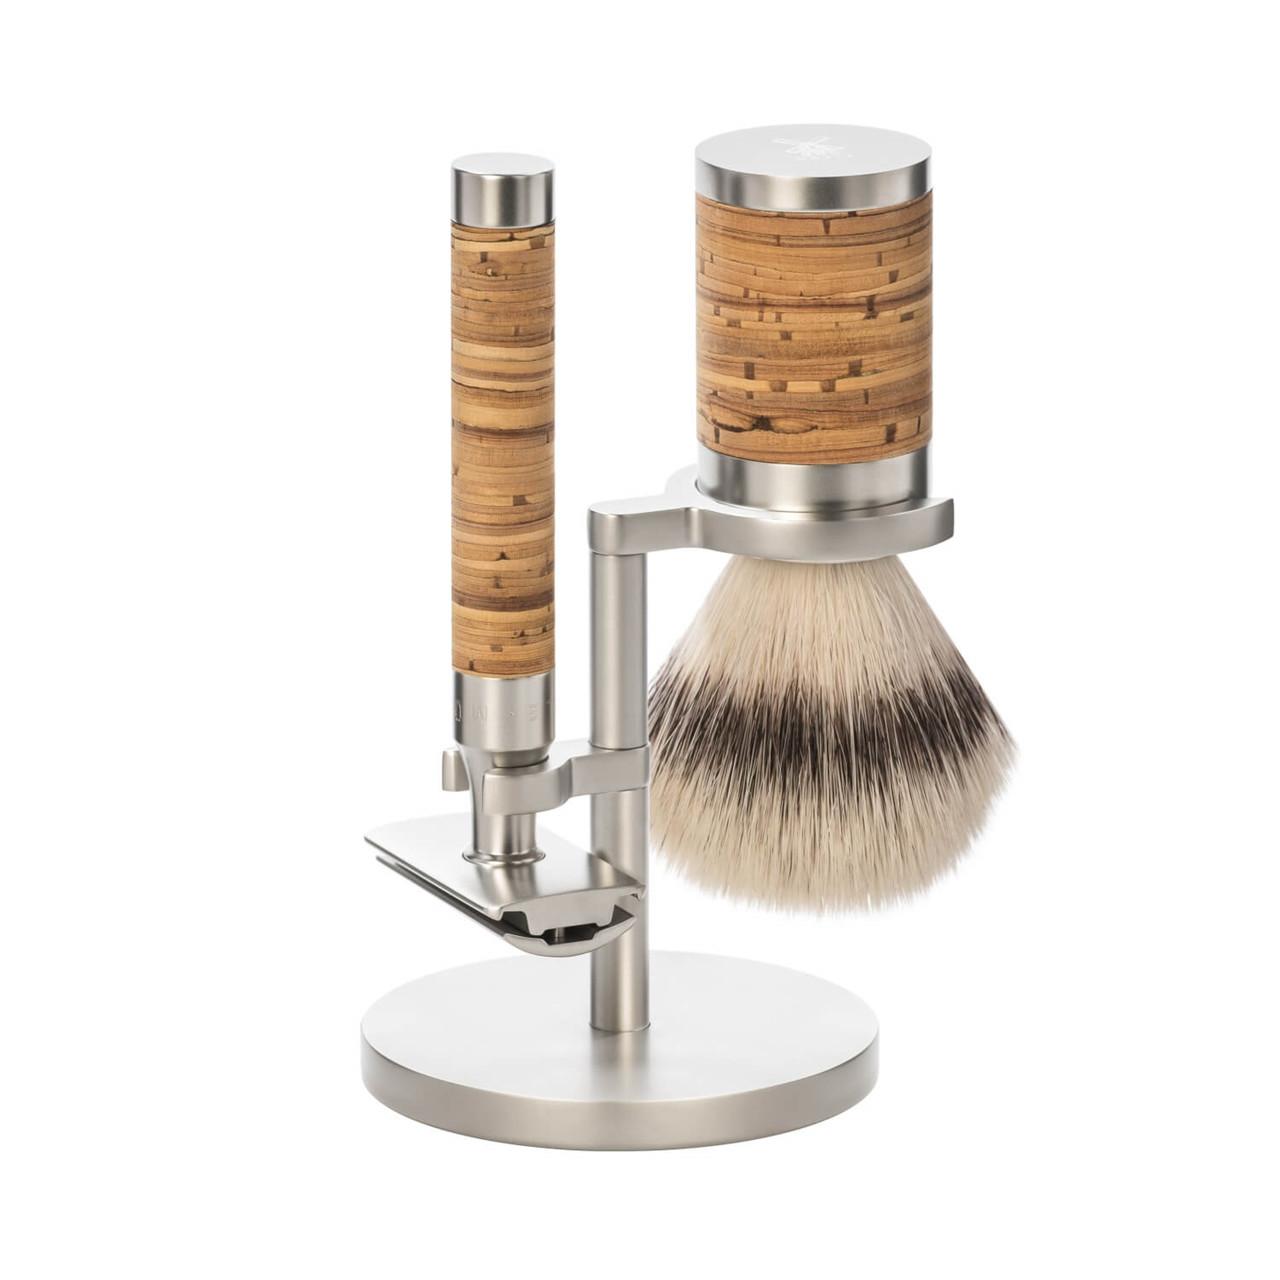 Image of   Mühle Barbersæt med DE-skraber, Fiber Barberkost og Holder, Rocca, Rustfrit stål & Birkebark